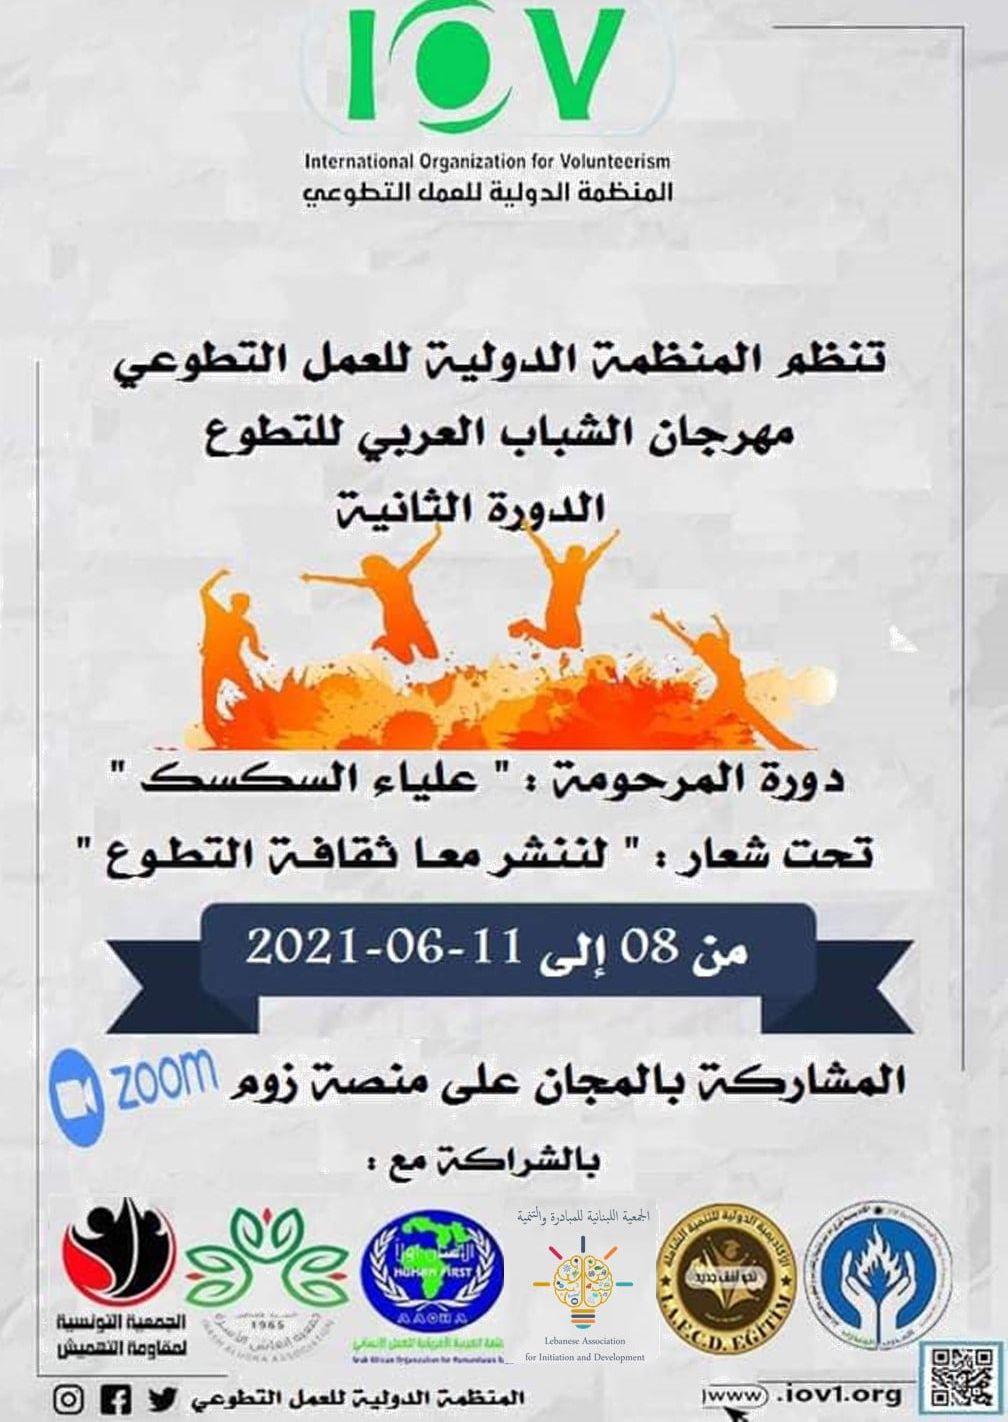 مهرجان الشباب العربي للتطوّع، bader, LAID